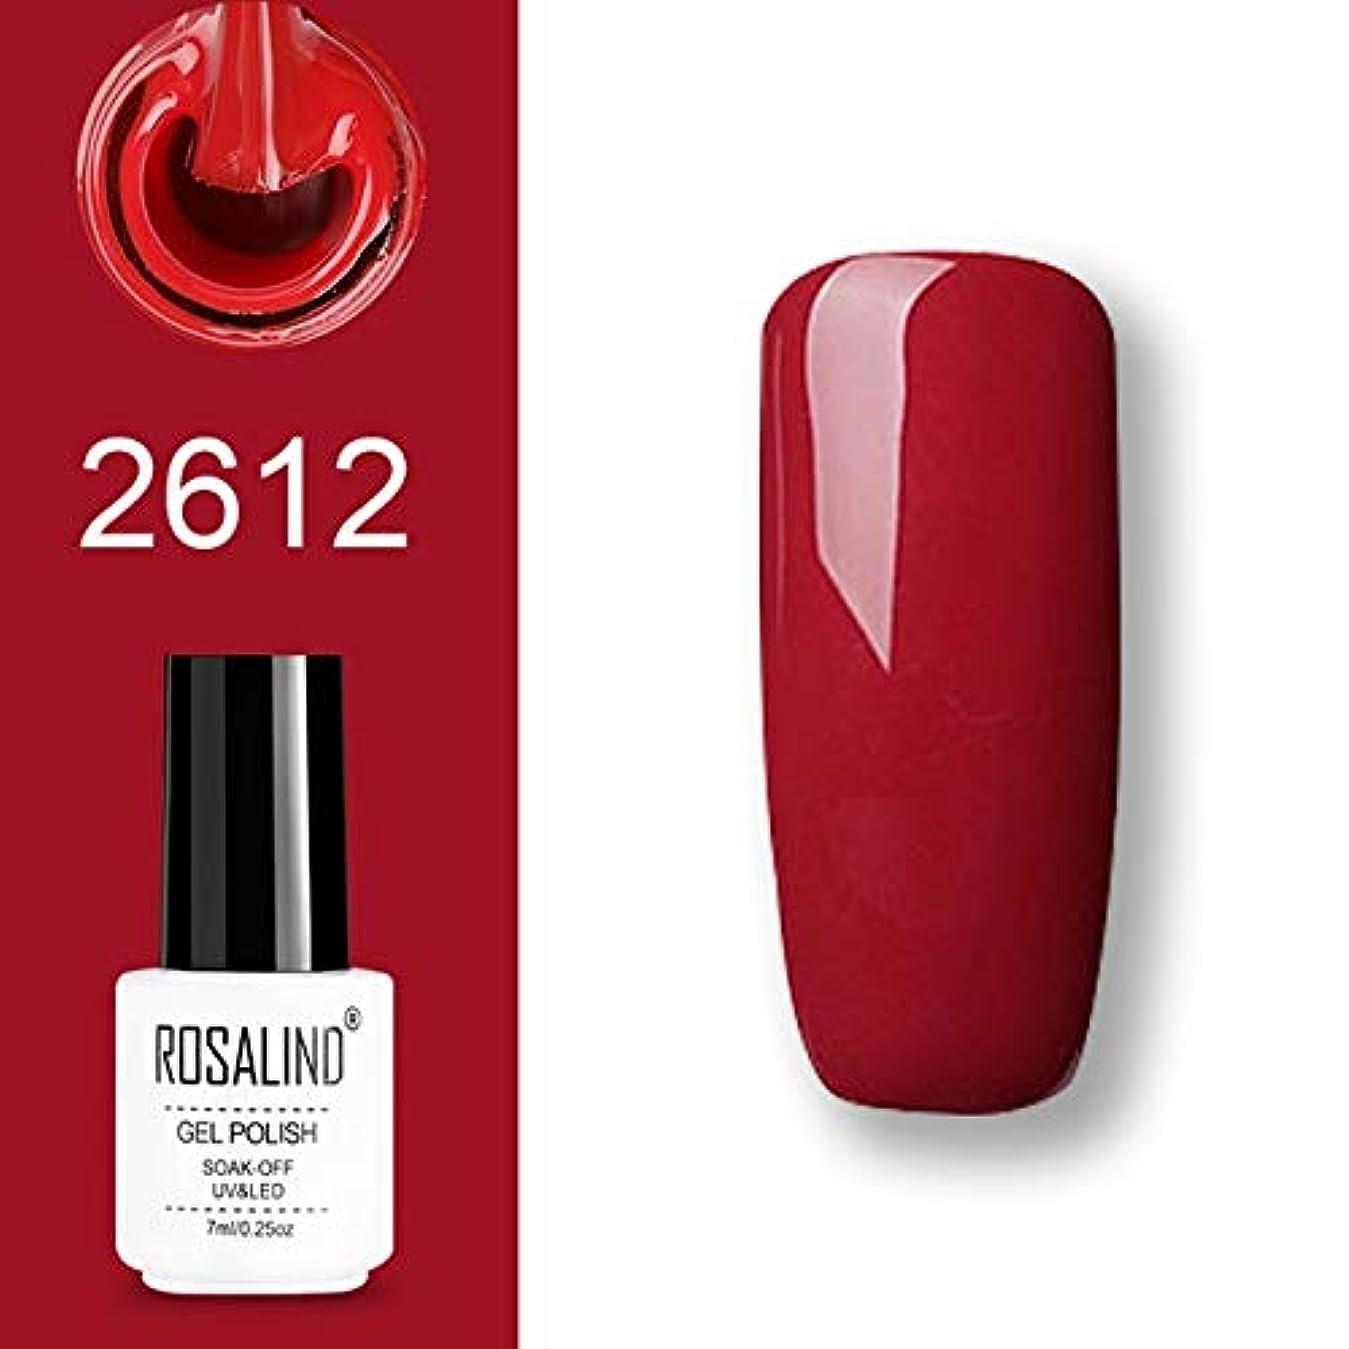 フィットオンリムファッションアイテム ROSALINDジェルポリッシュセットUV半永久プライマートップコートポリジェルニスネイルアートマニキュアジェル、容量:7ml 2612ピュアカラーネイルグルー 環境に優しいマニキュア